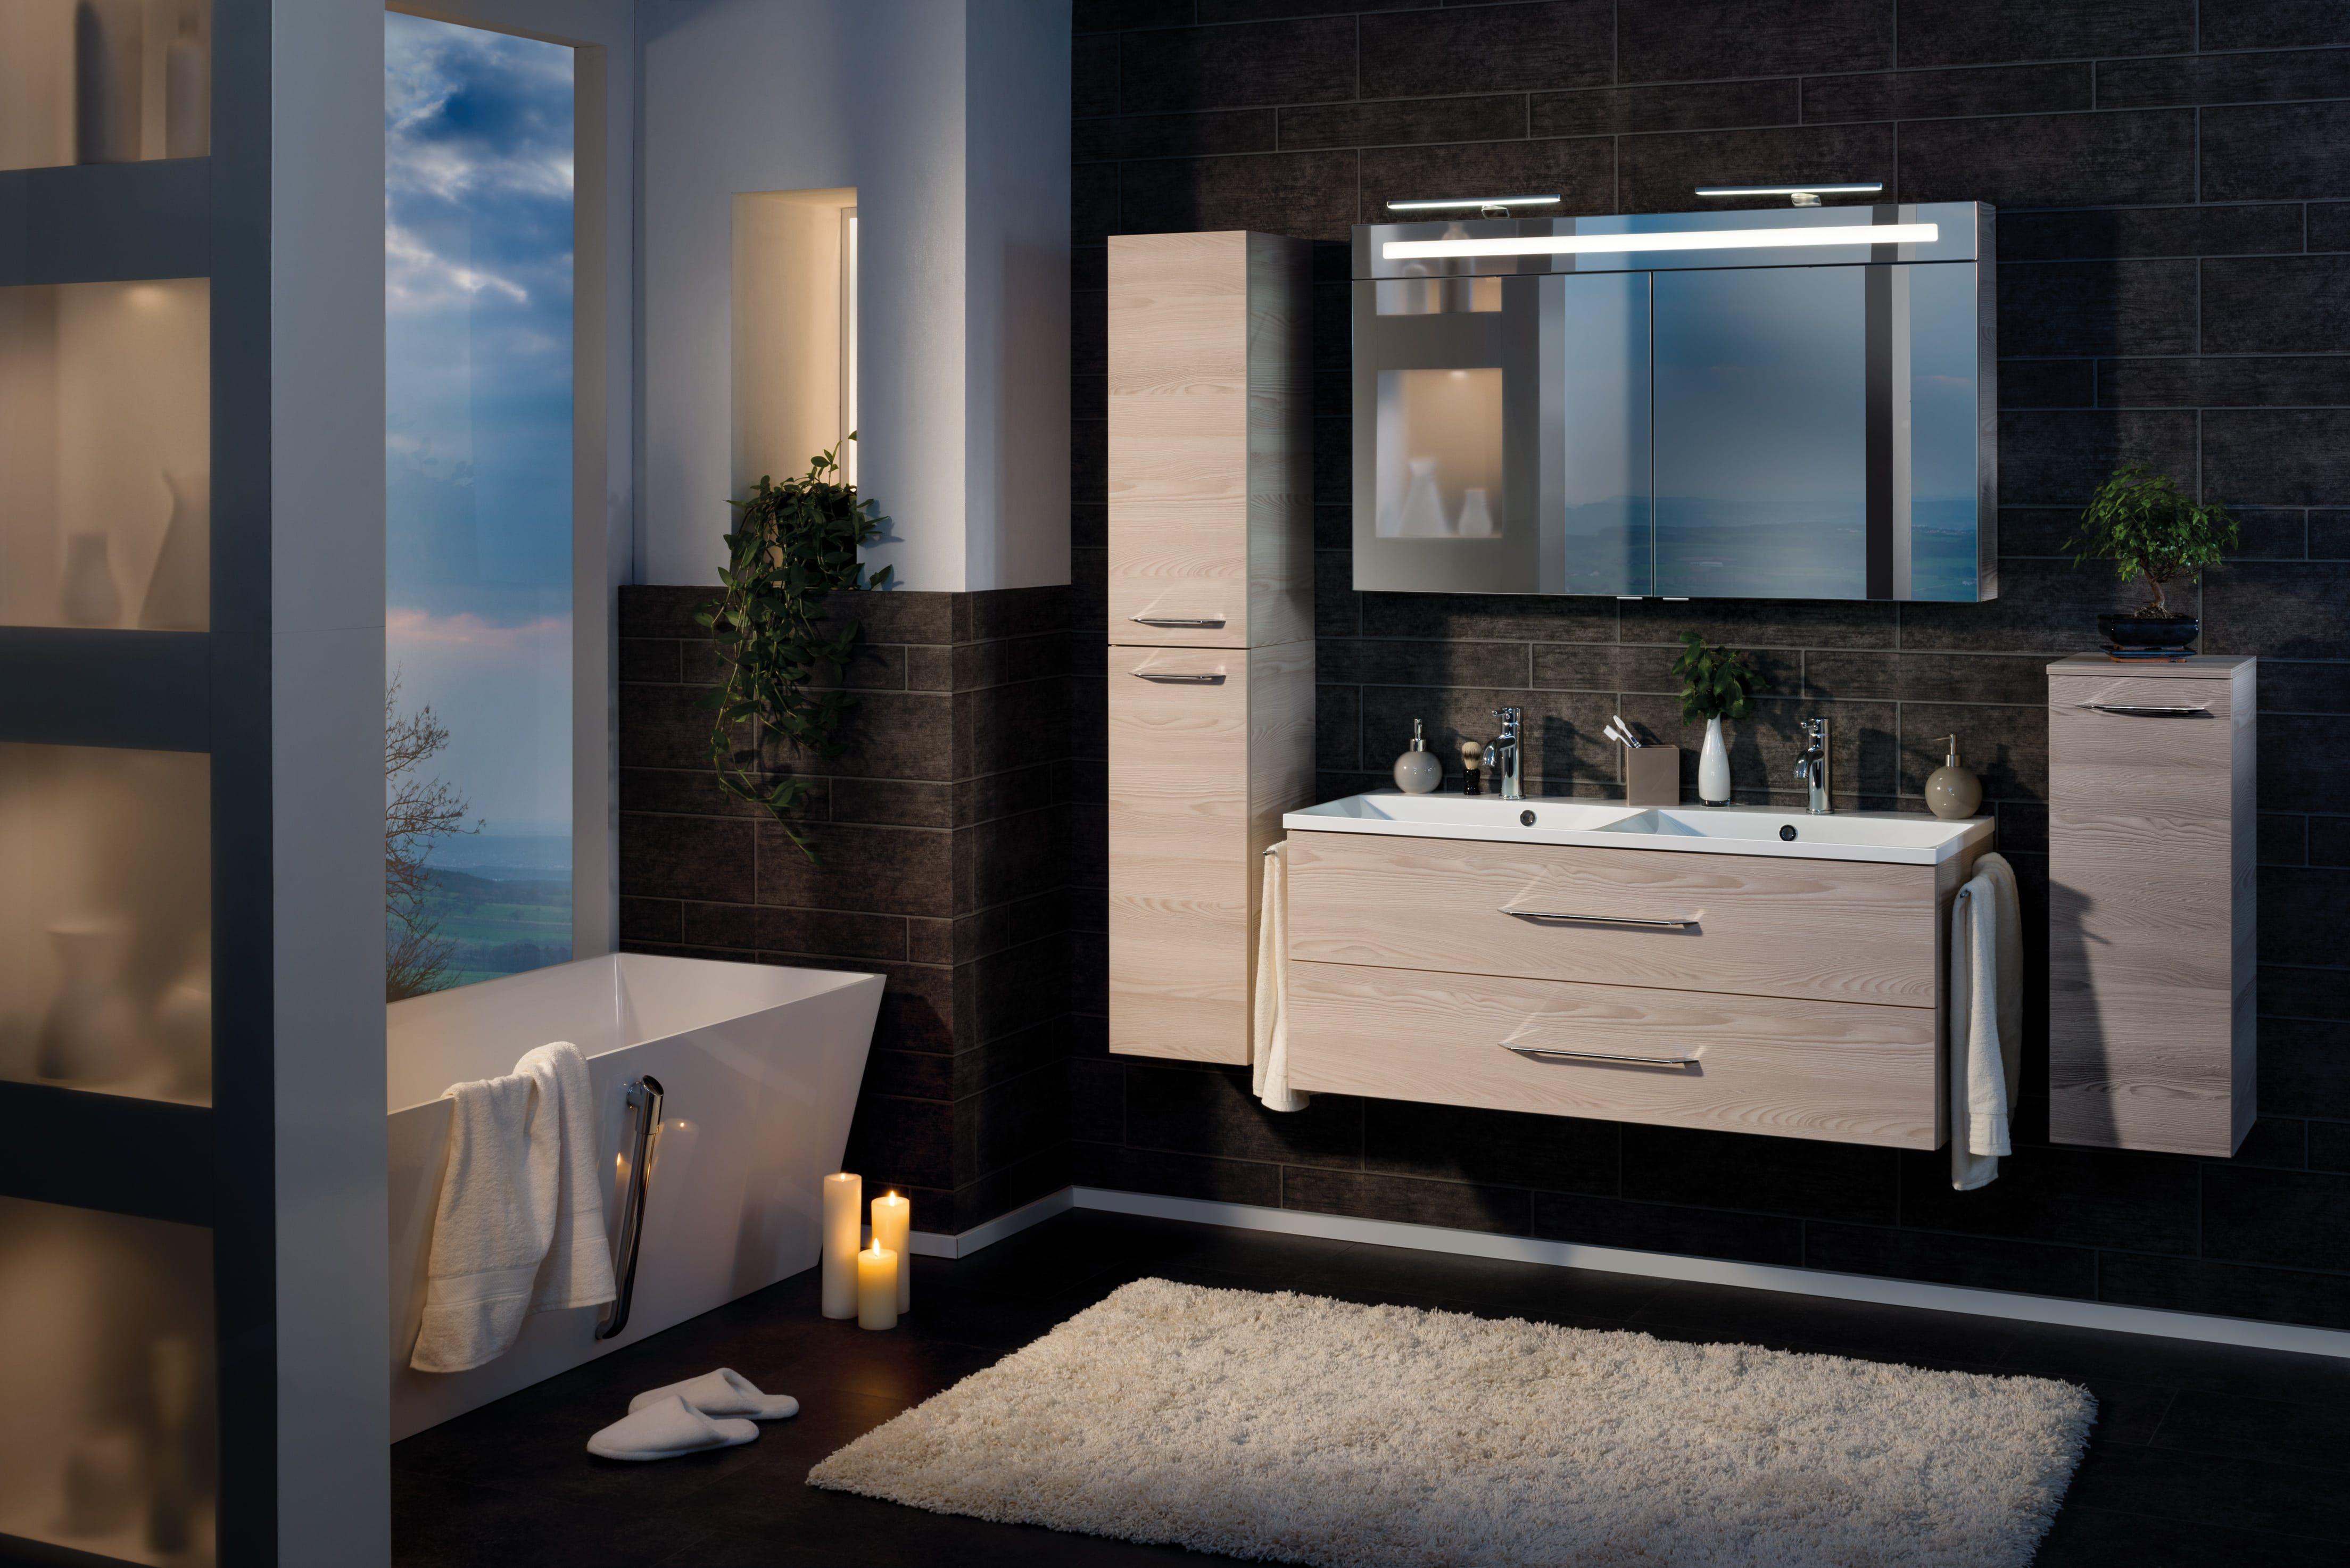 Fackelmann Badezimmer ~ Badezimmer einrichtung b clever von fackelmann badmöbel